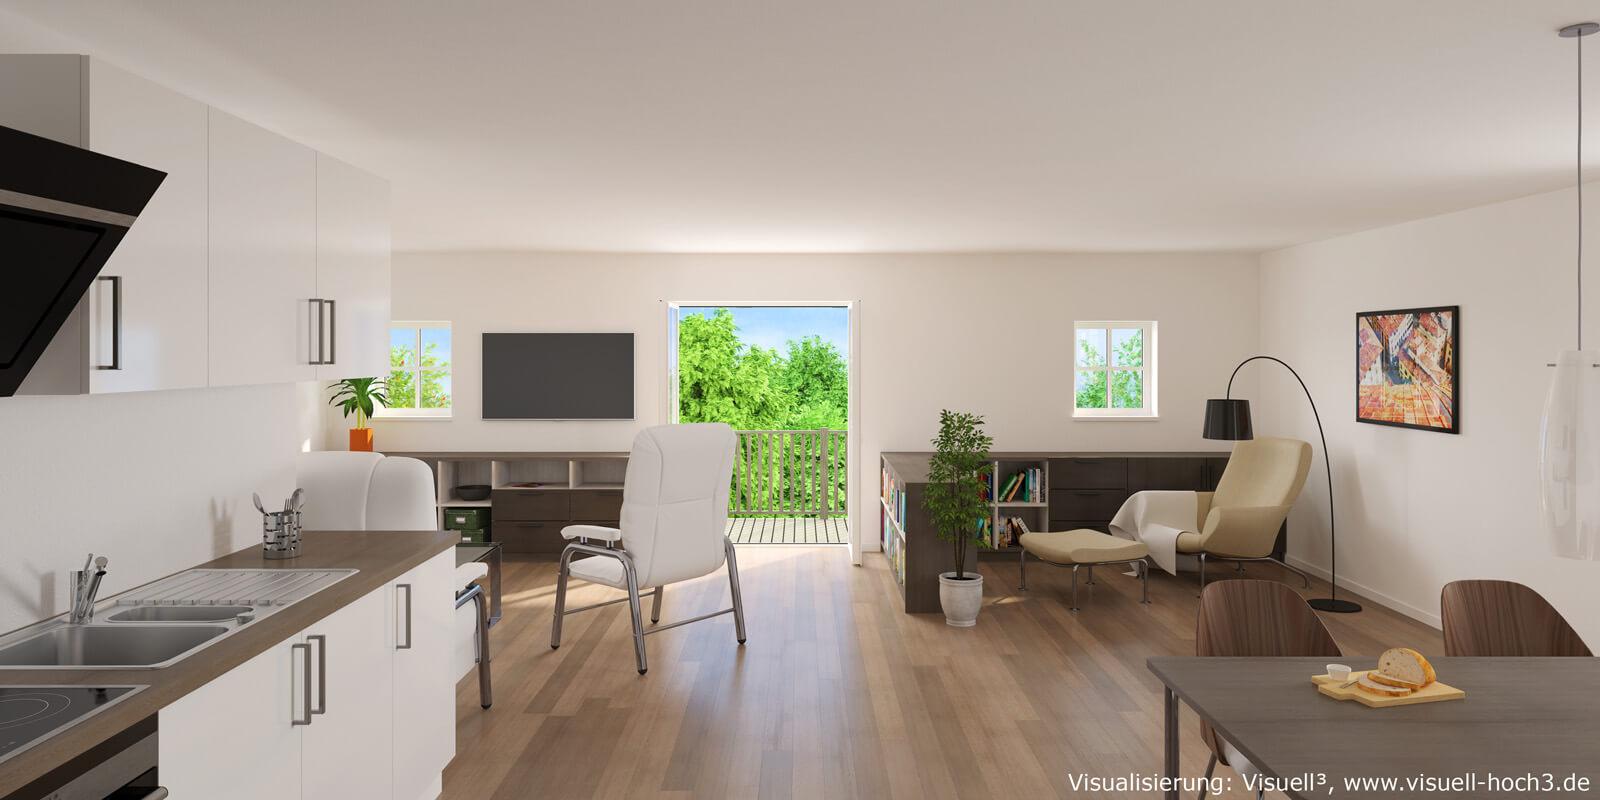 Innenraumvisualisierung einer Wohnung in Eutin  ©Visuell³